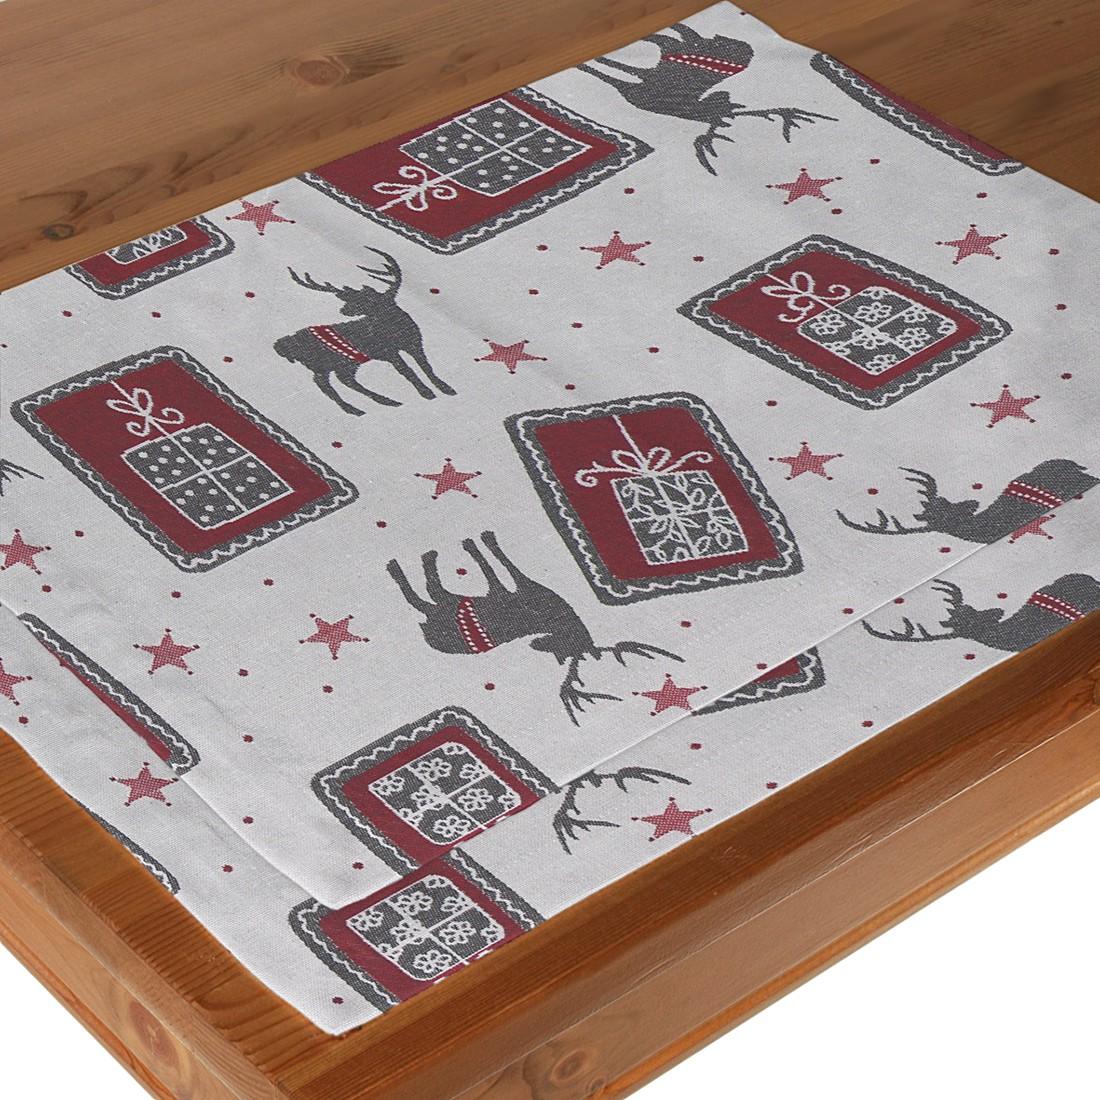 Tischset Weihnachtstisch (2-er Set), Dekoria günstig kaufen